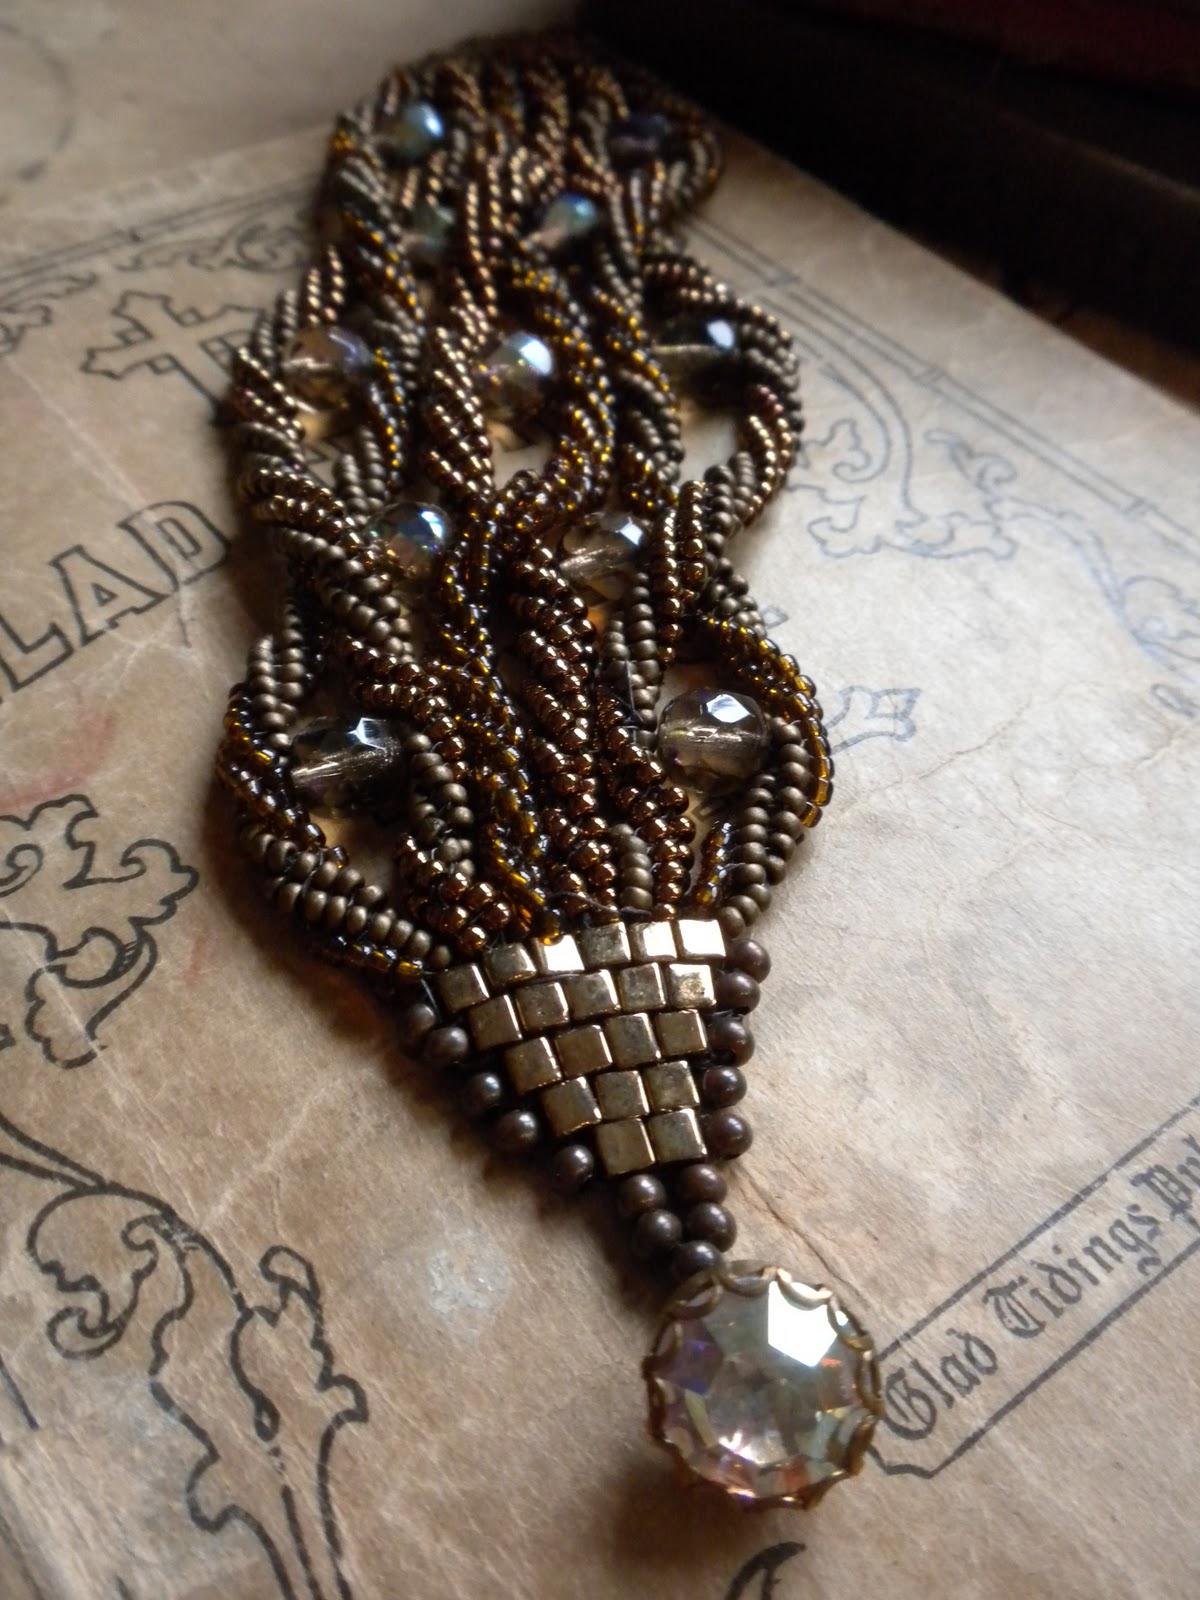 Artful Panoply Bead Weaving Twisted Bracelet